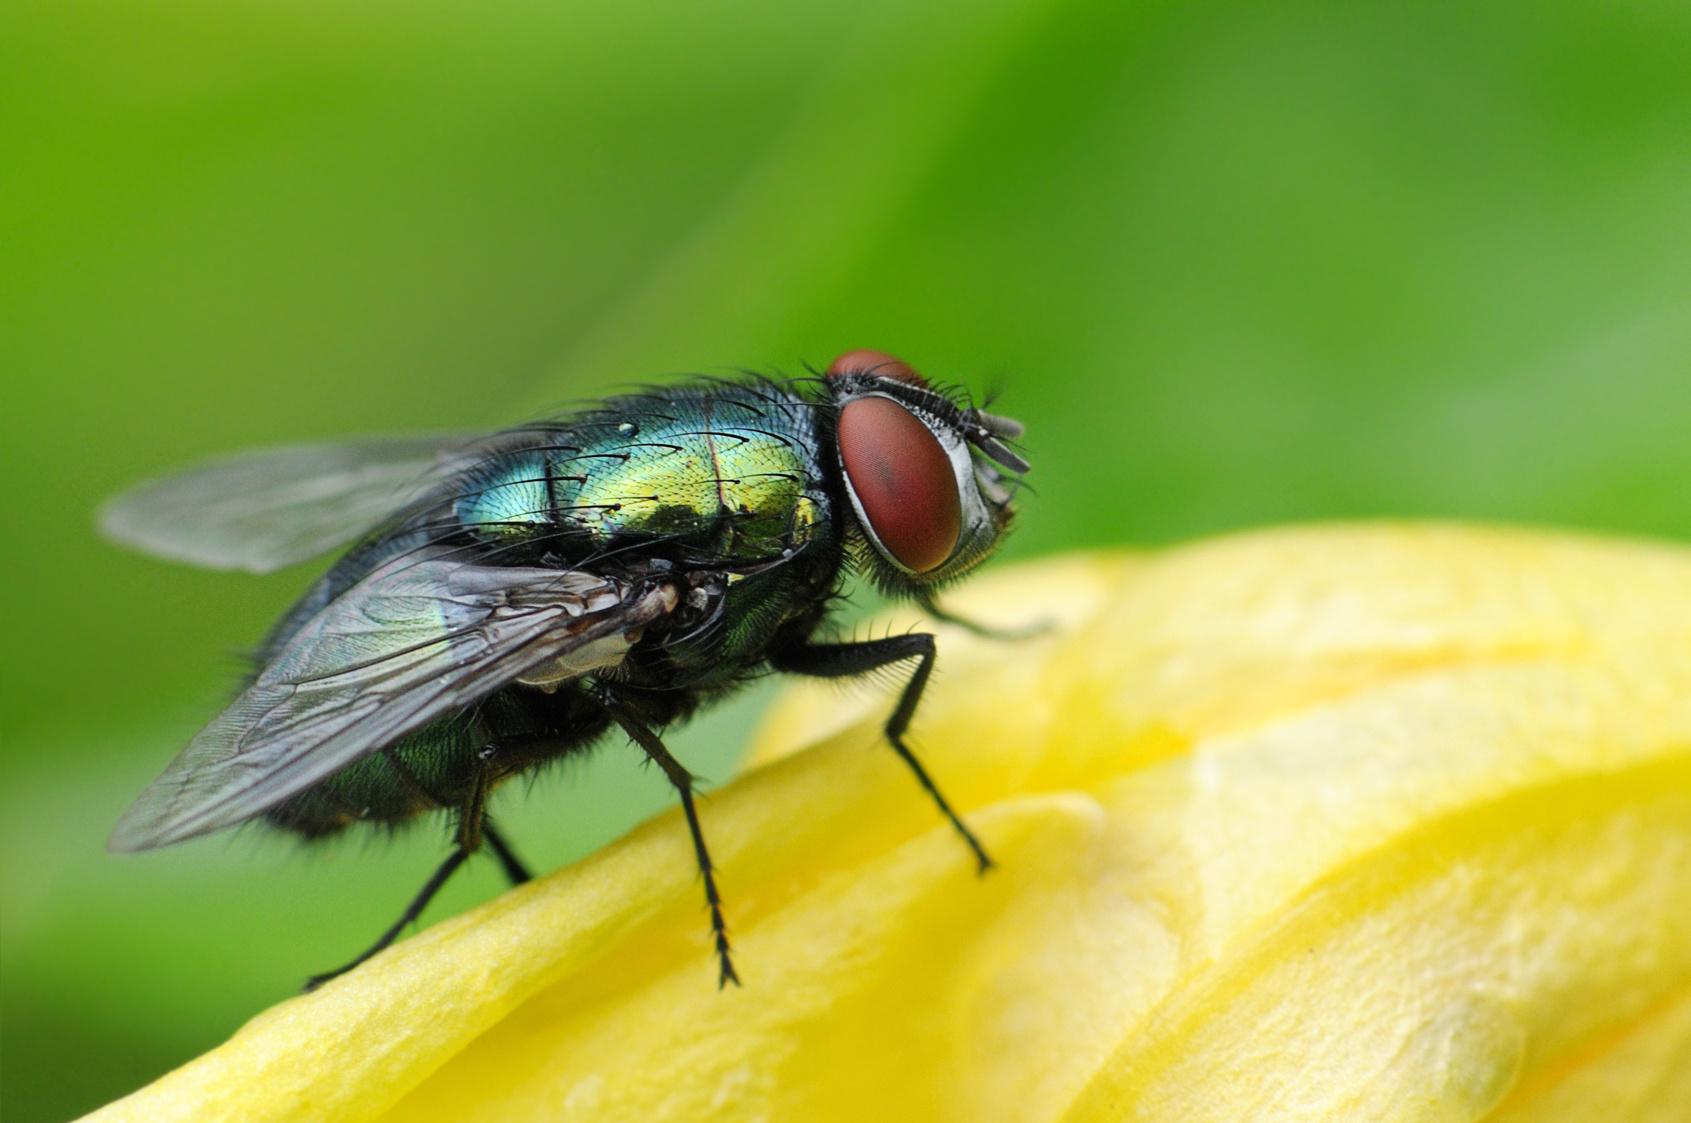 Fliegen aus der wohnung fernhalten hausmittel for Fliegen hausmittel